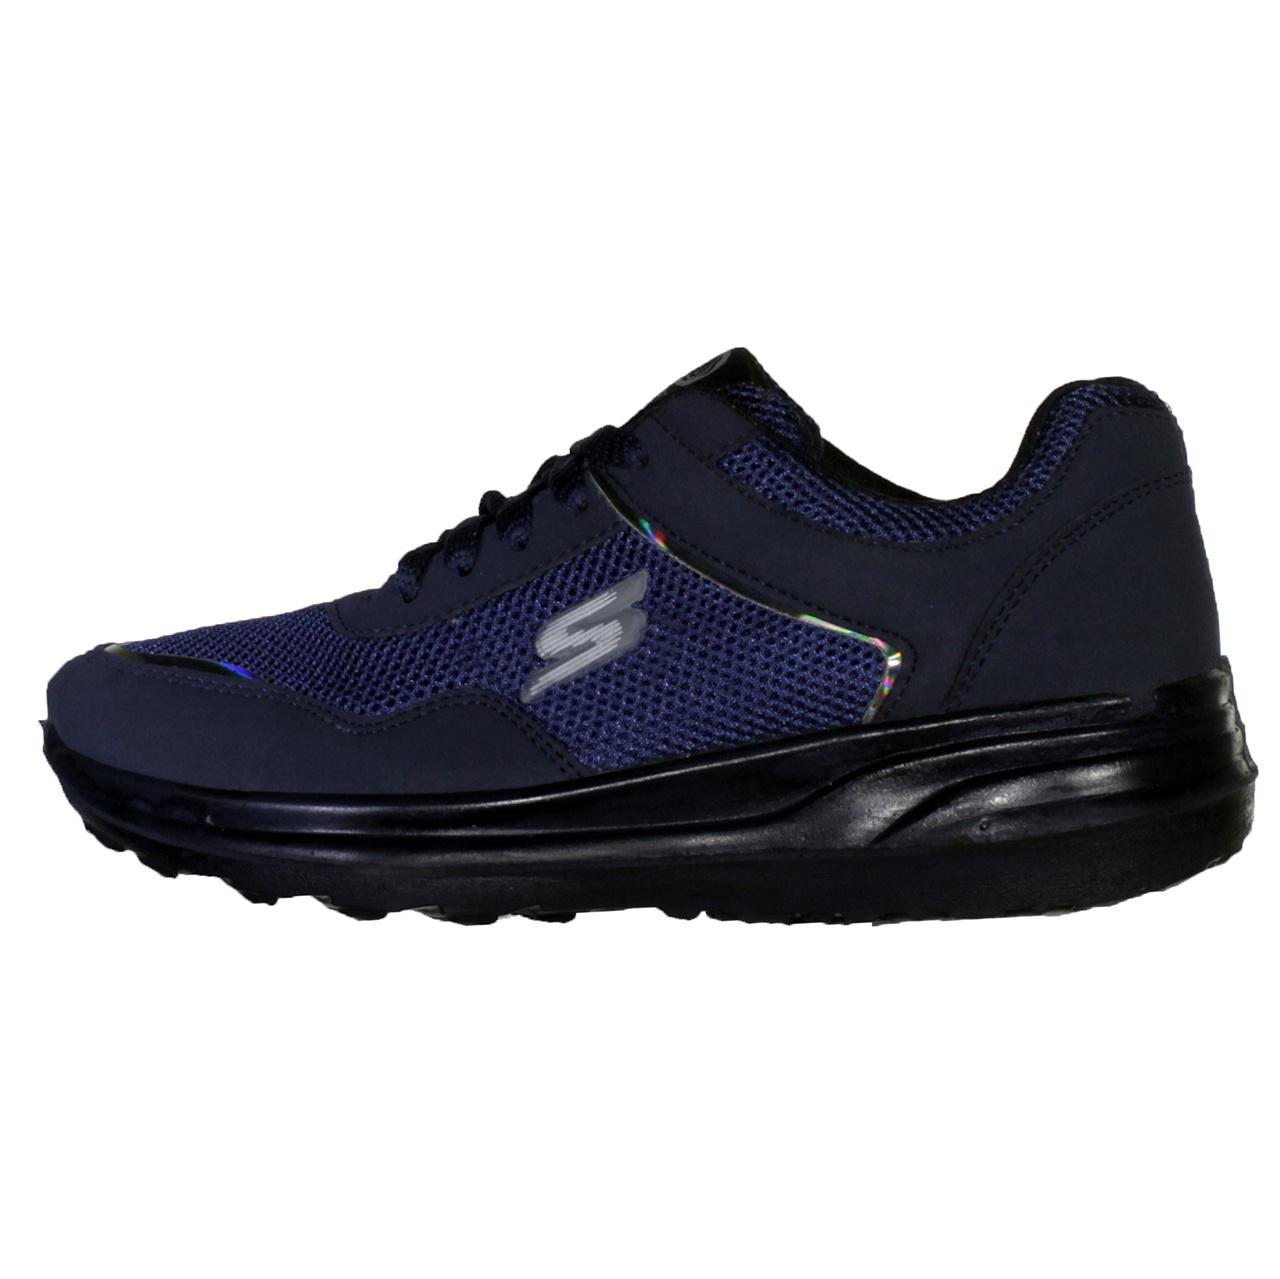 کفش مخصوص پیاده روی مردانه مدل Steven